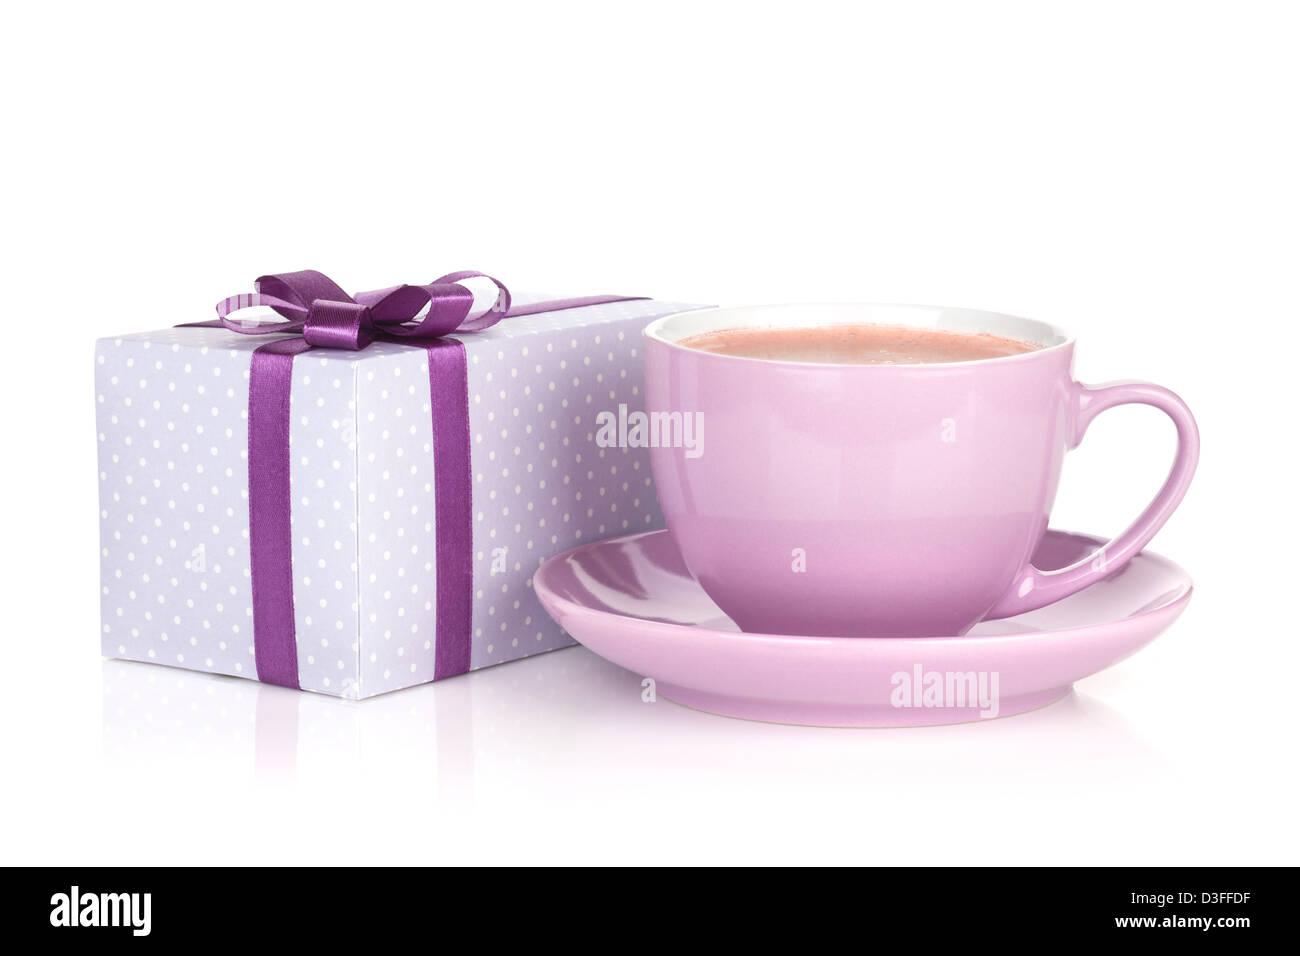 Púrpura de la taza de café y caja de regalo con lazo. Aislado sobre fondo blanco. Imagen De Stock